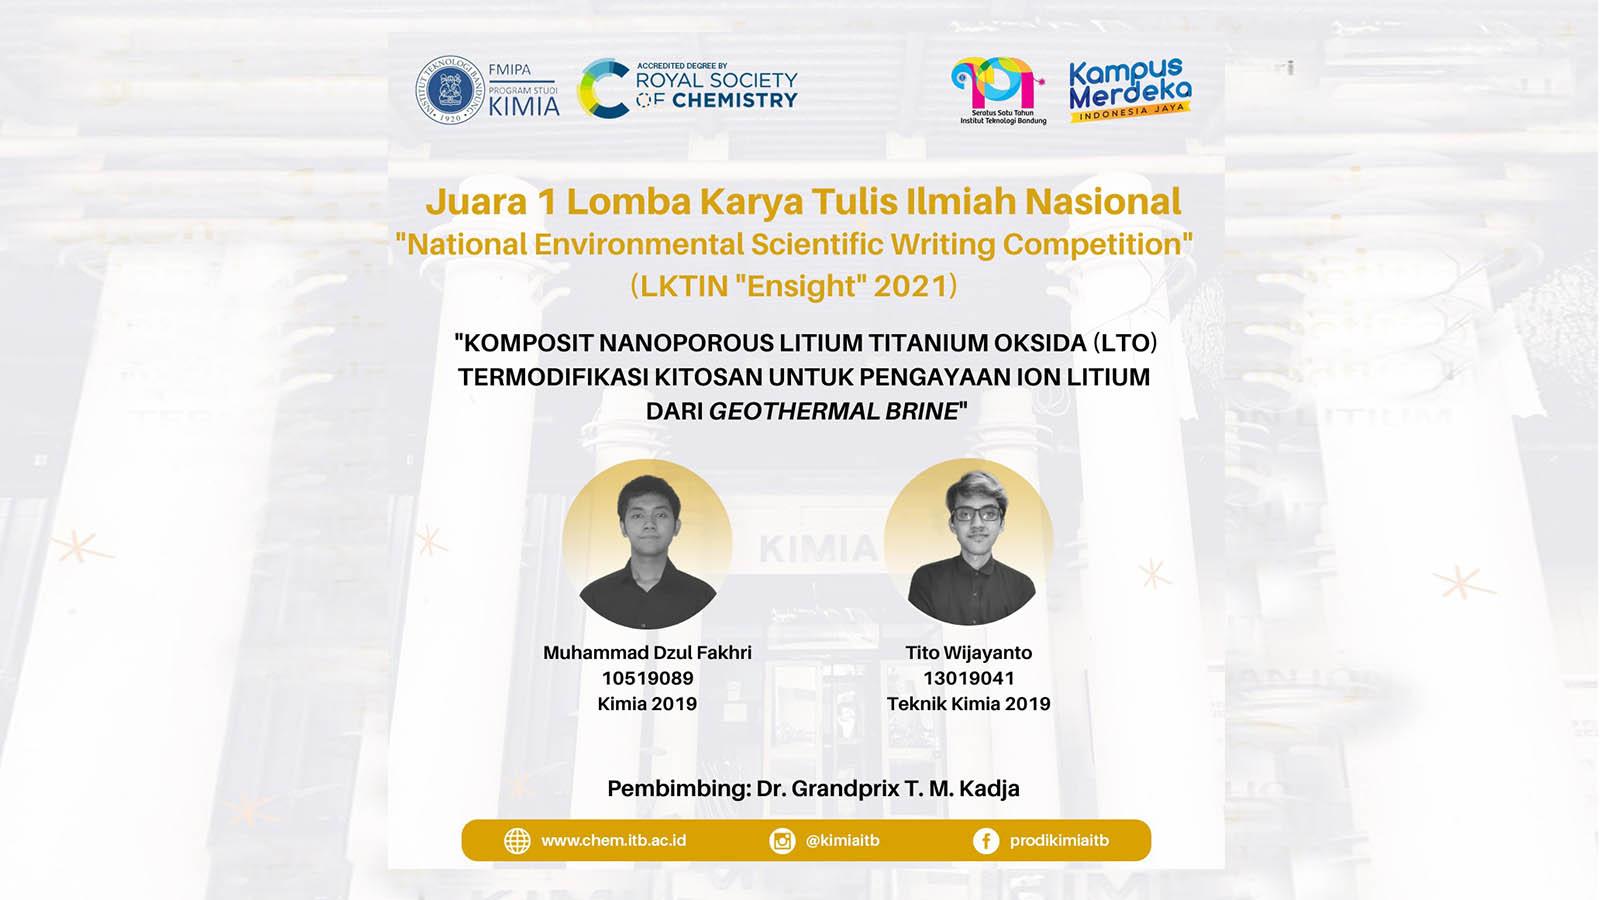 """Juara 1 Lomba karya Tulis Ilmiah Nasional """"National Environmental Scientific Writing Competition"""" (LKTIN """"Ensight"""" 2021)"""